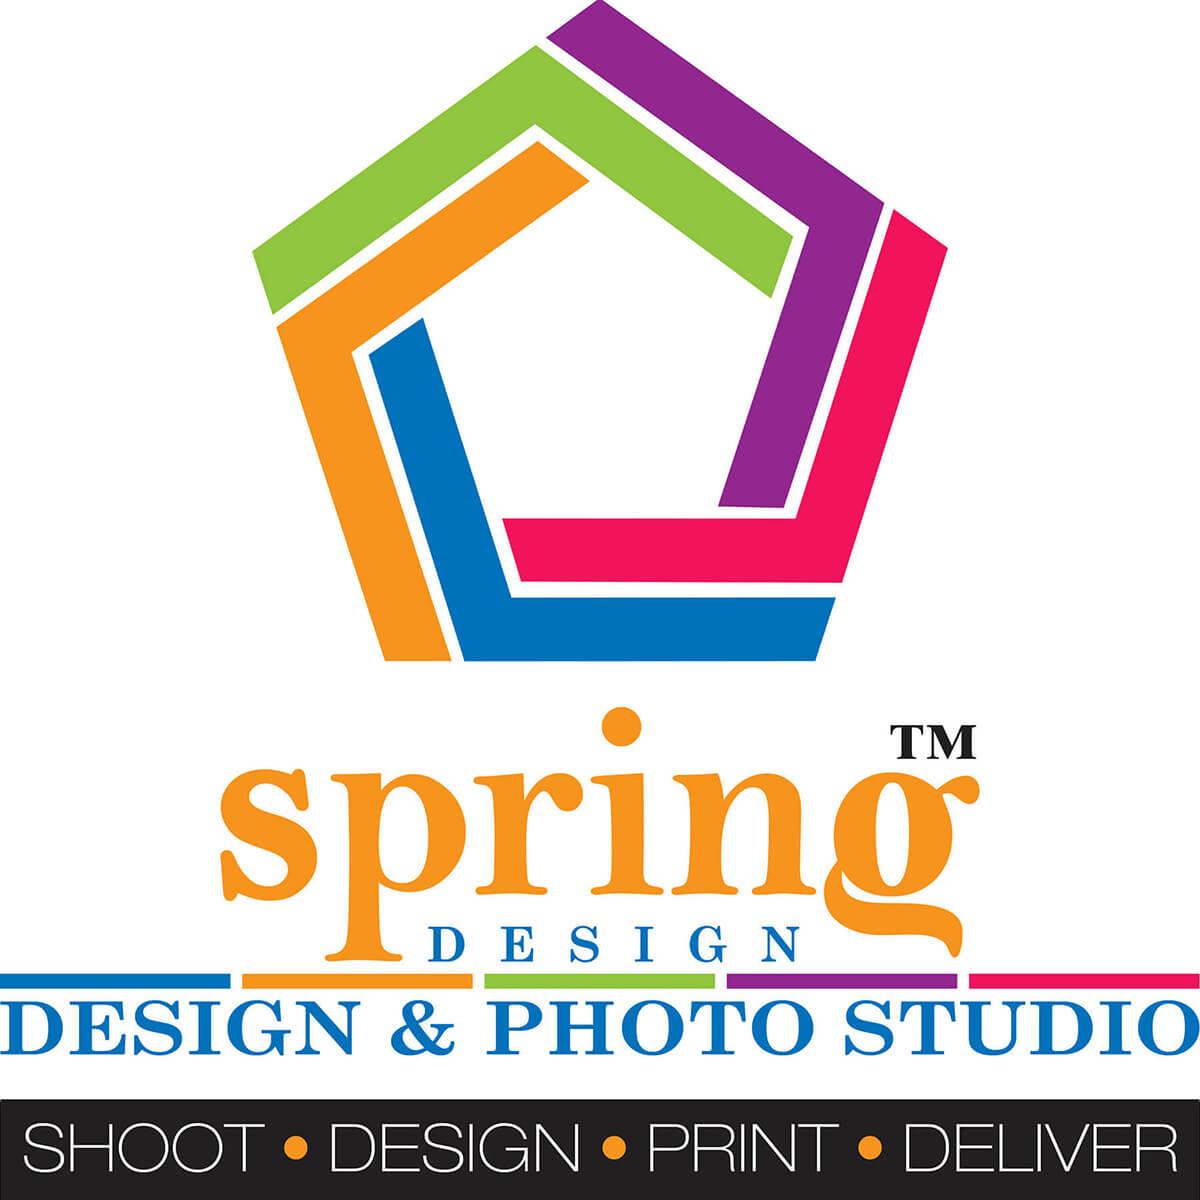 Spring Design & Photo Studio